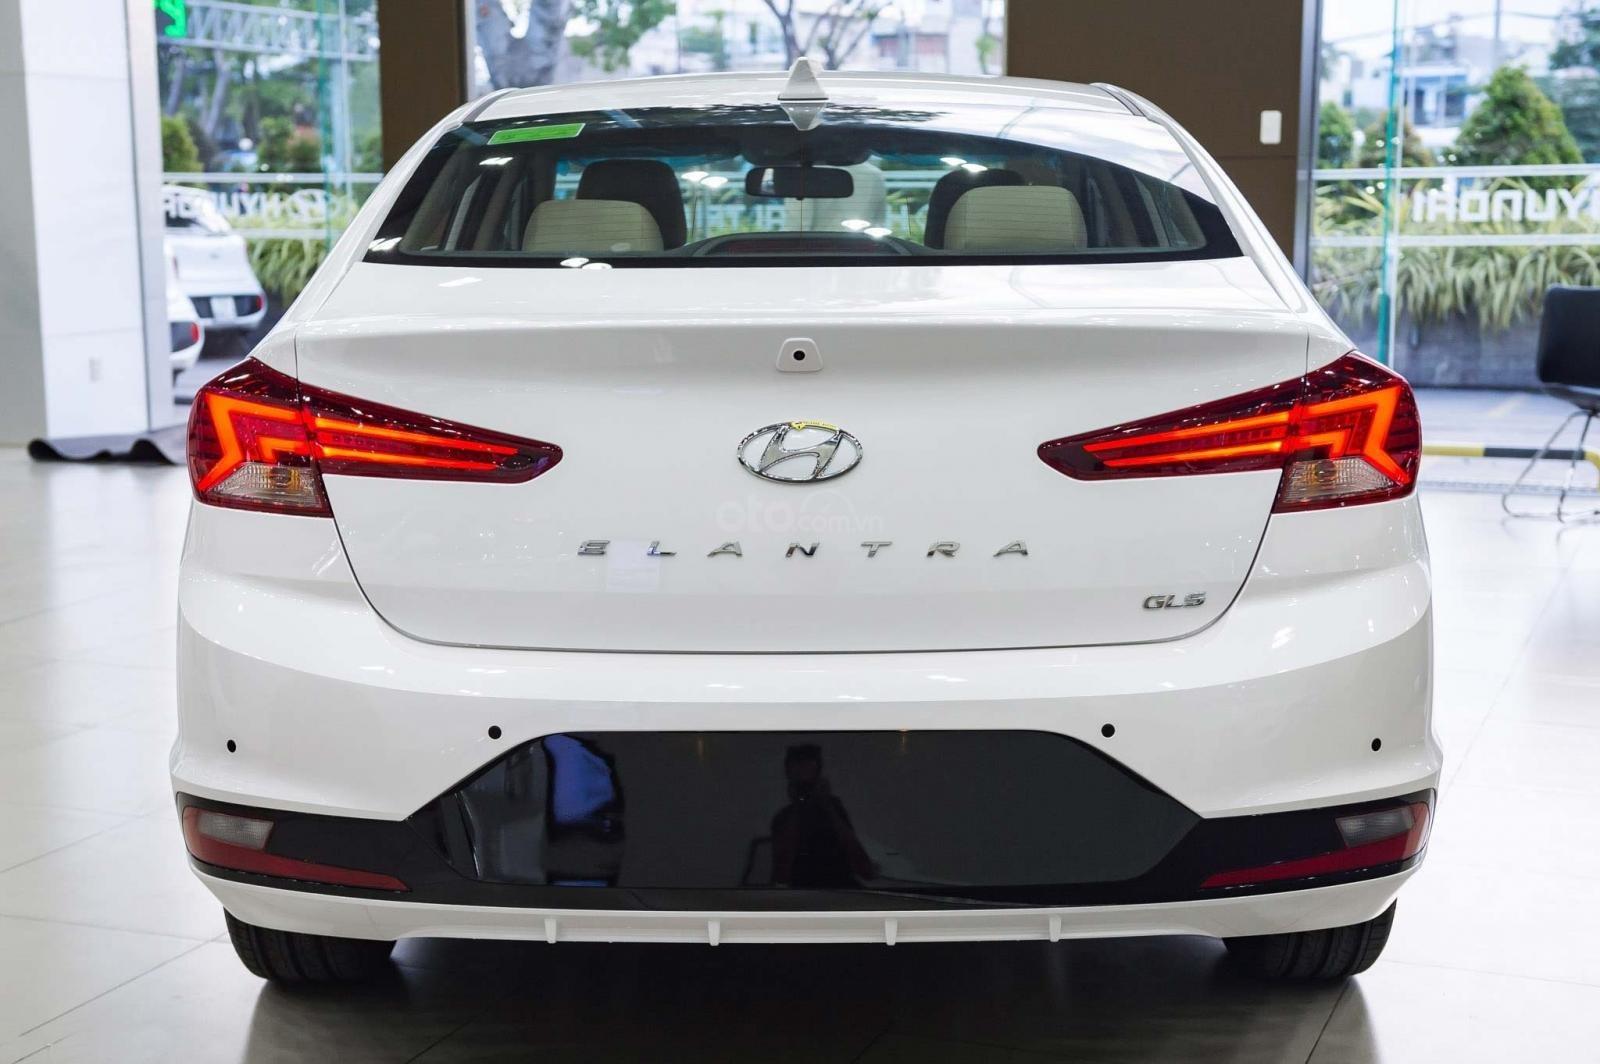 """""""Sốc"""" Tặng 10 triệu phụ kiện - Chỉ 179tr- Hyundai Elantra 1.6 AT 2019, hỗ trợ trả góp 85% - Thủ tục nhanh chóng-3"""